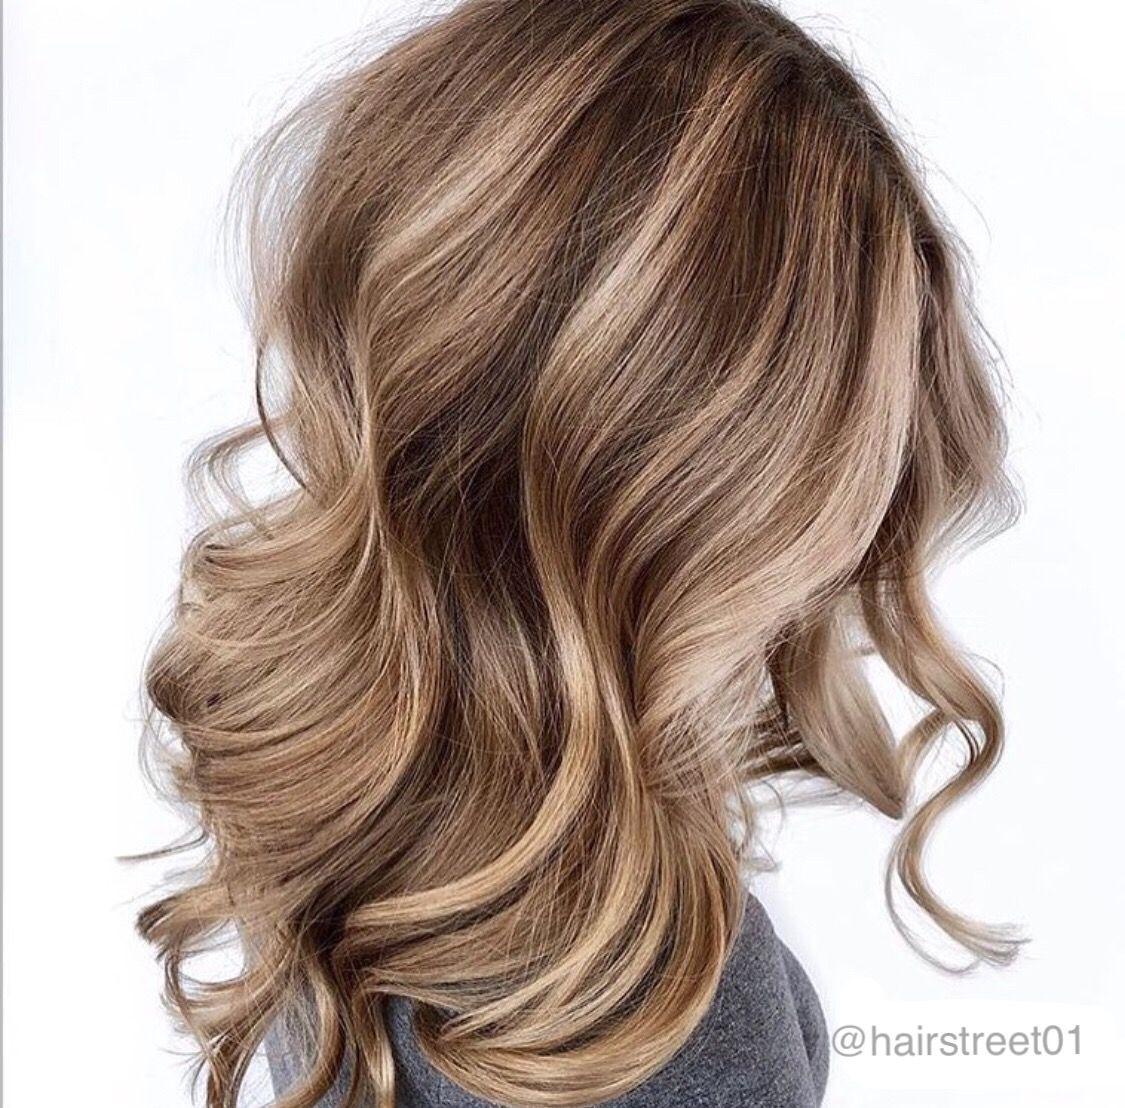 Frisuren naturlich blond